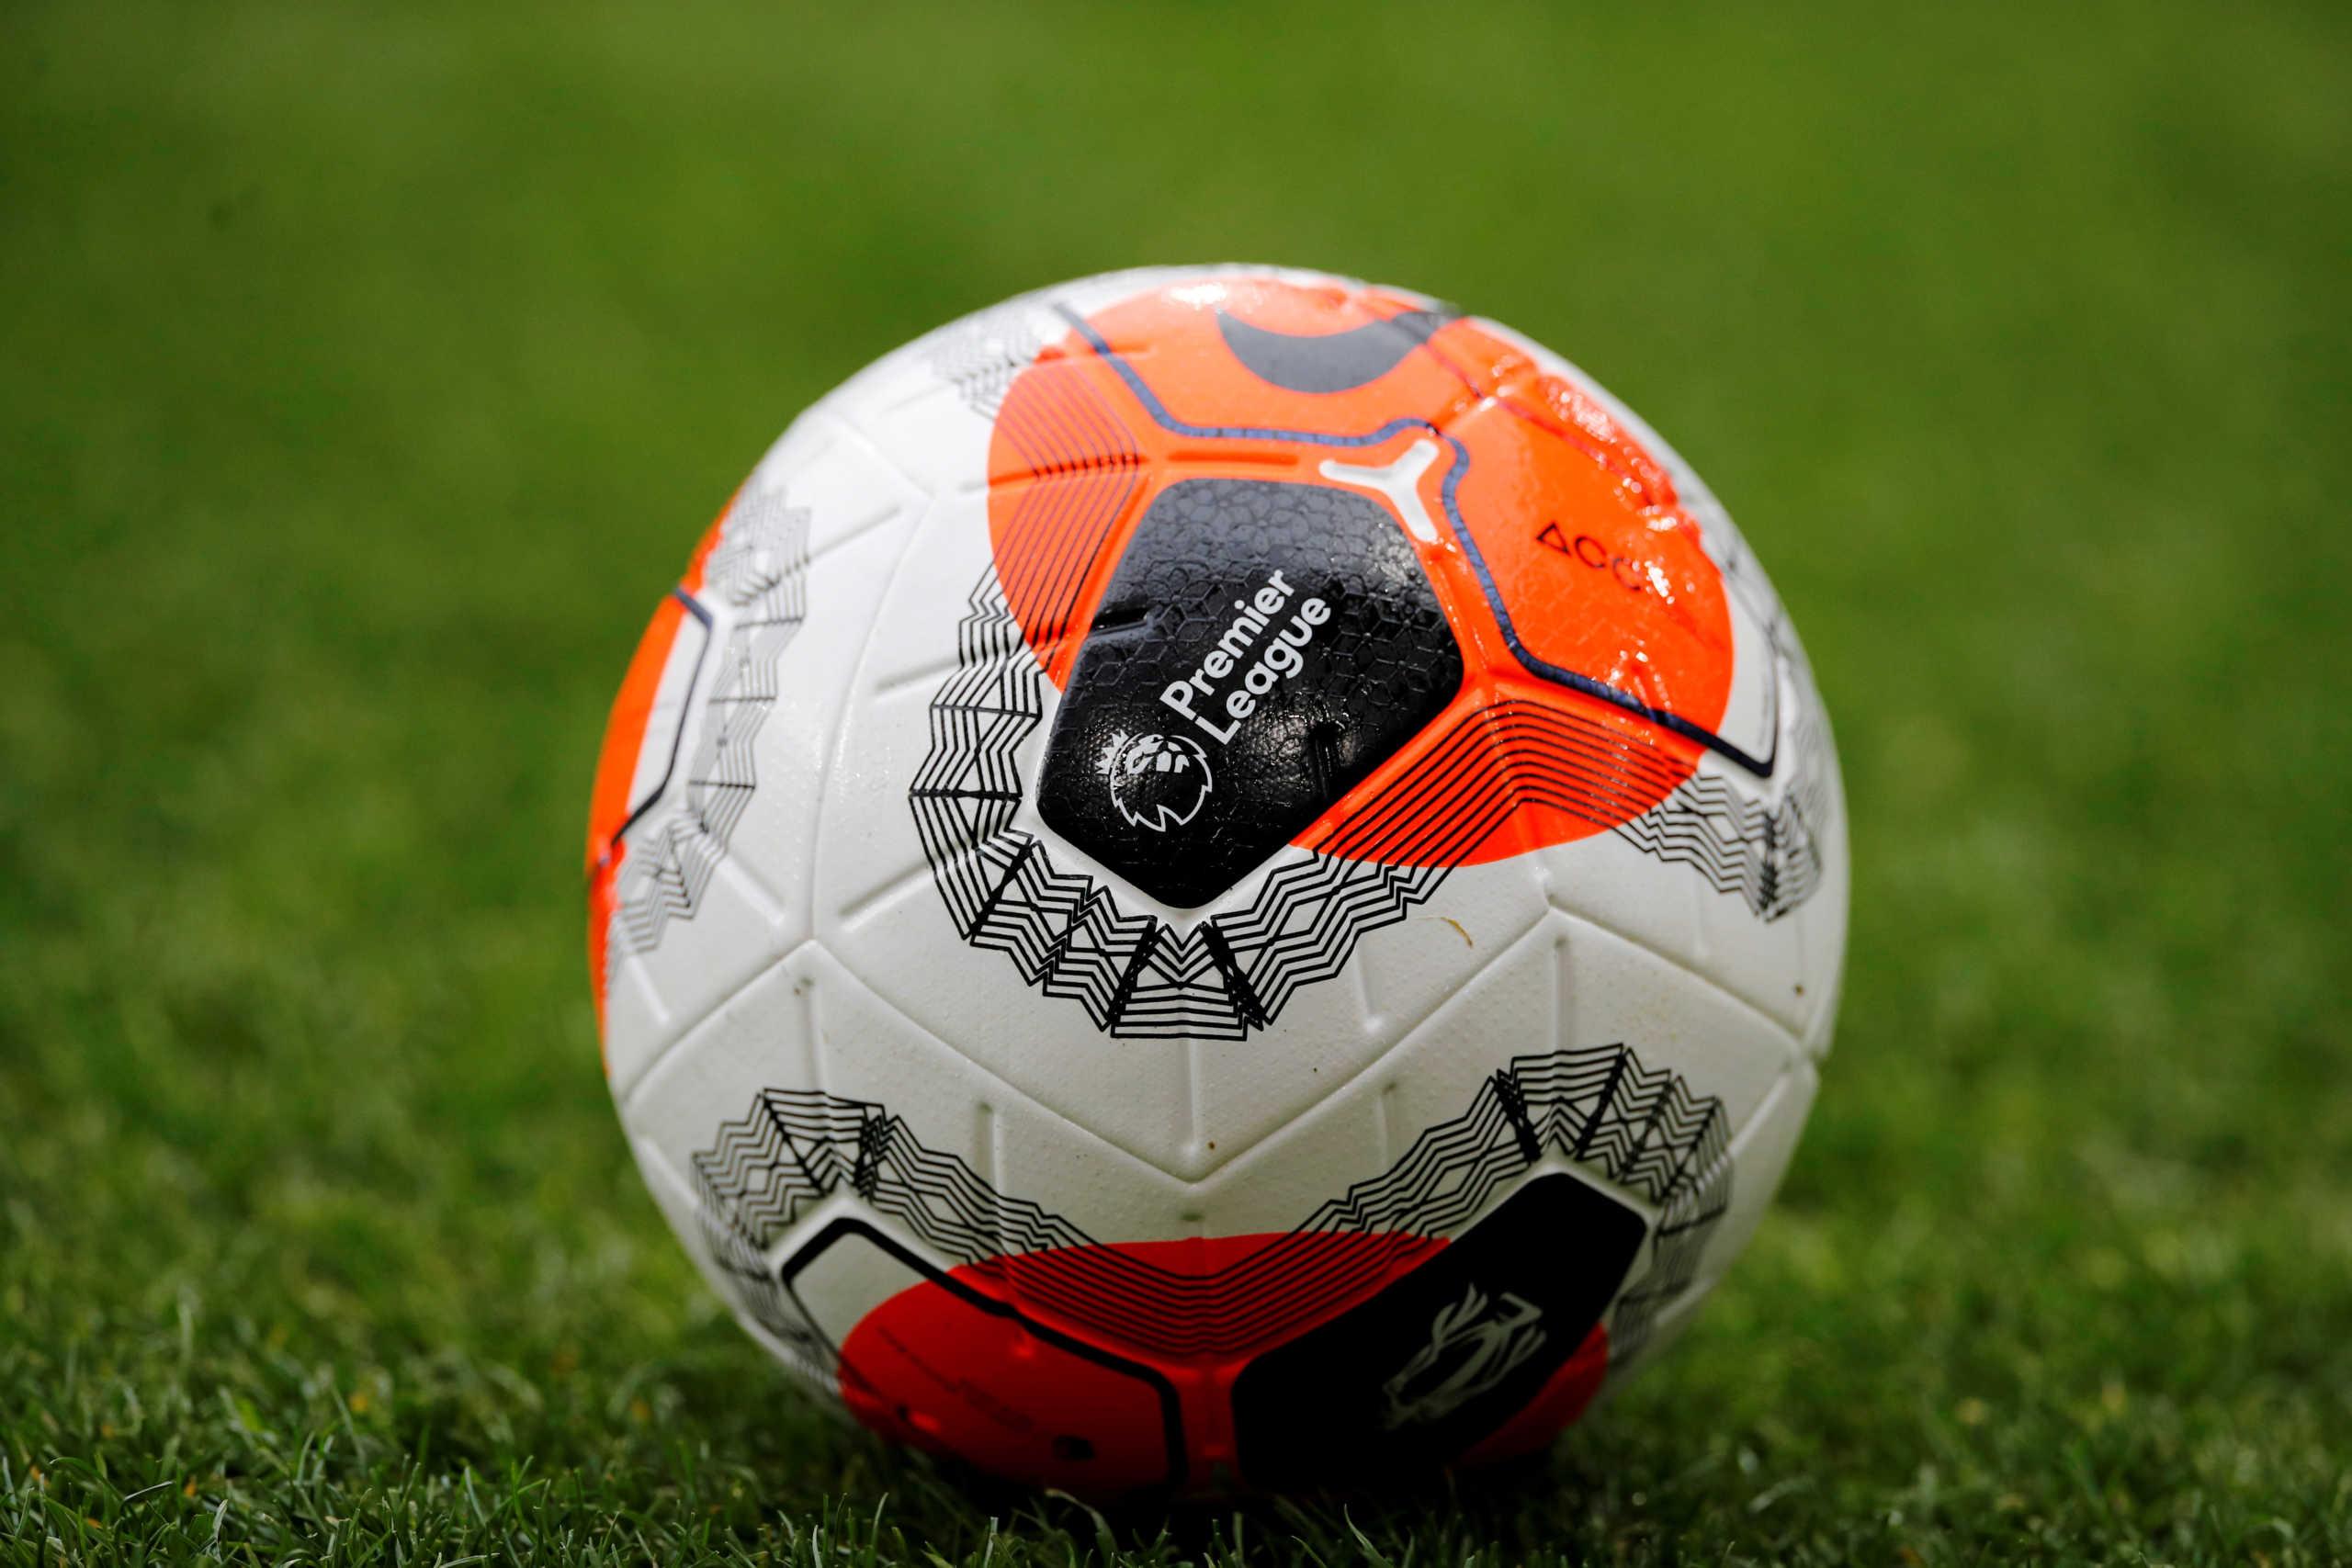 Η Premier League έτοιμη για… δράση! «Καθαρή» από κρούσματα κορονοϊού